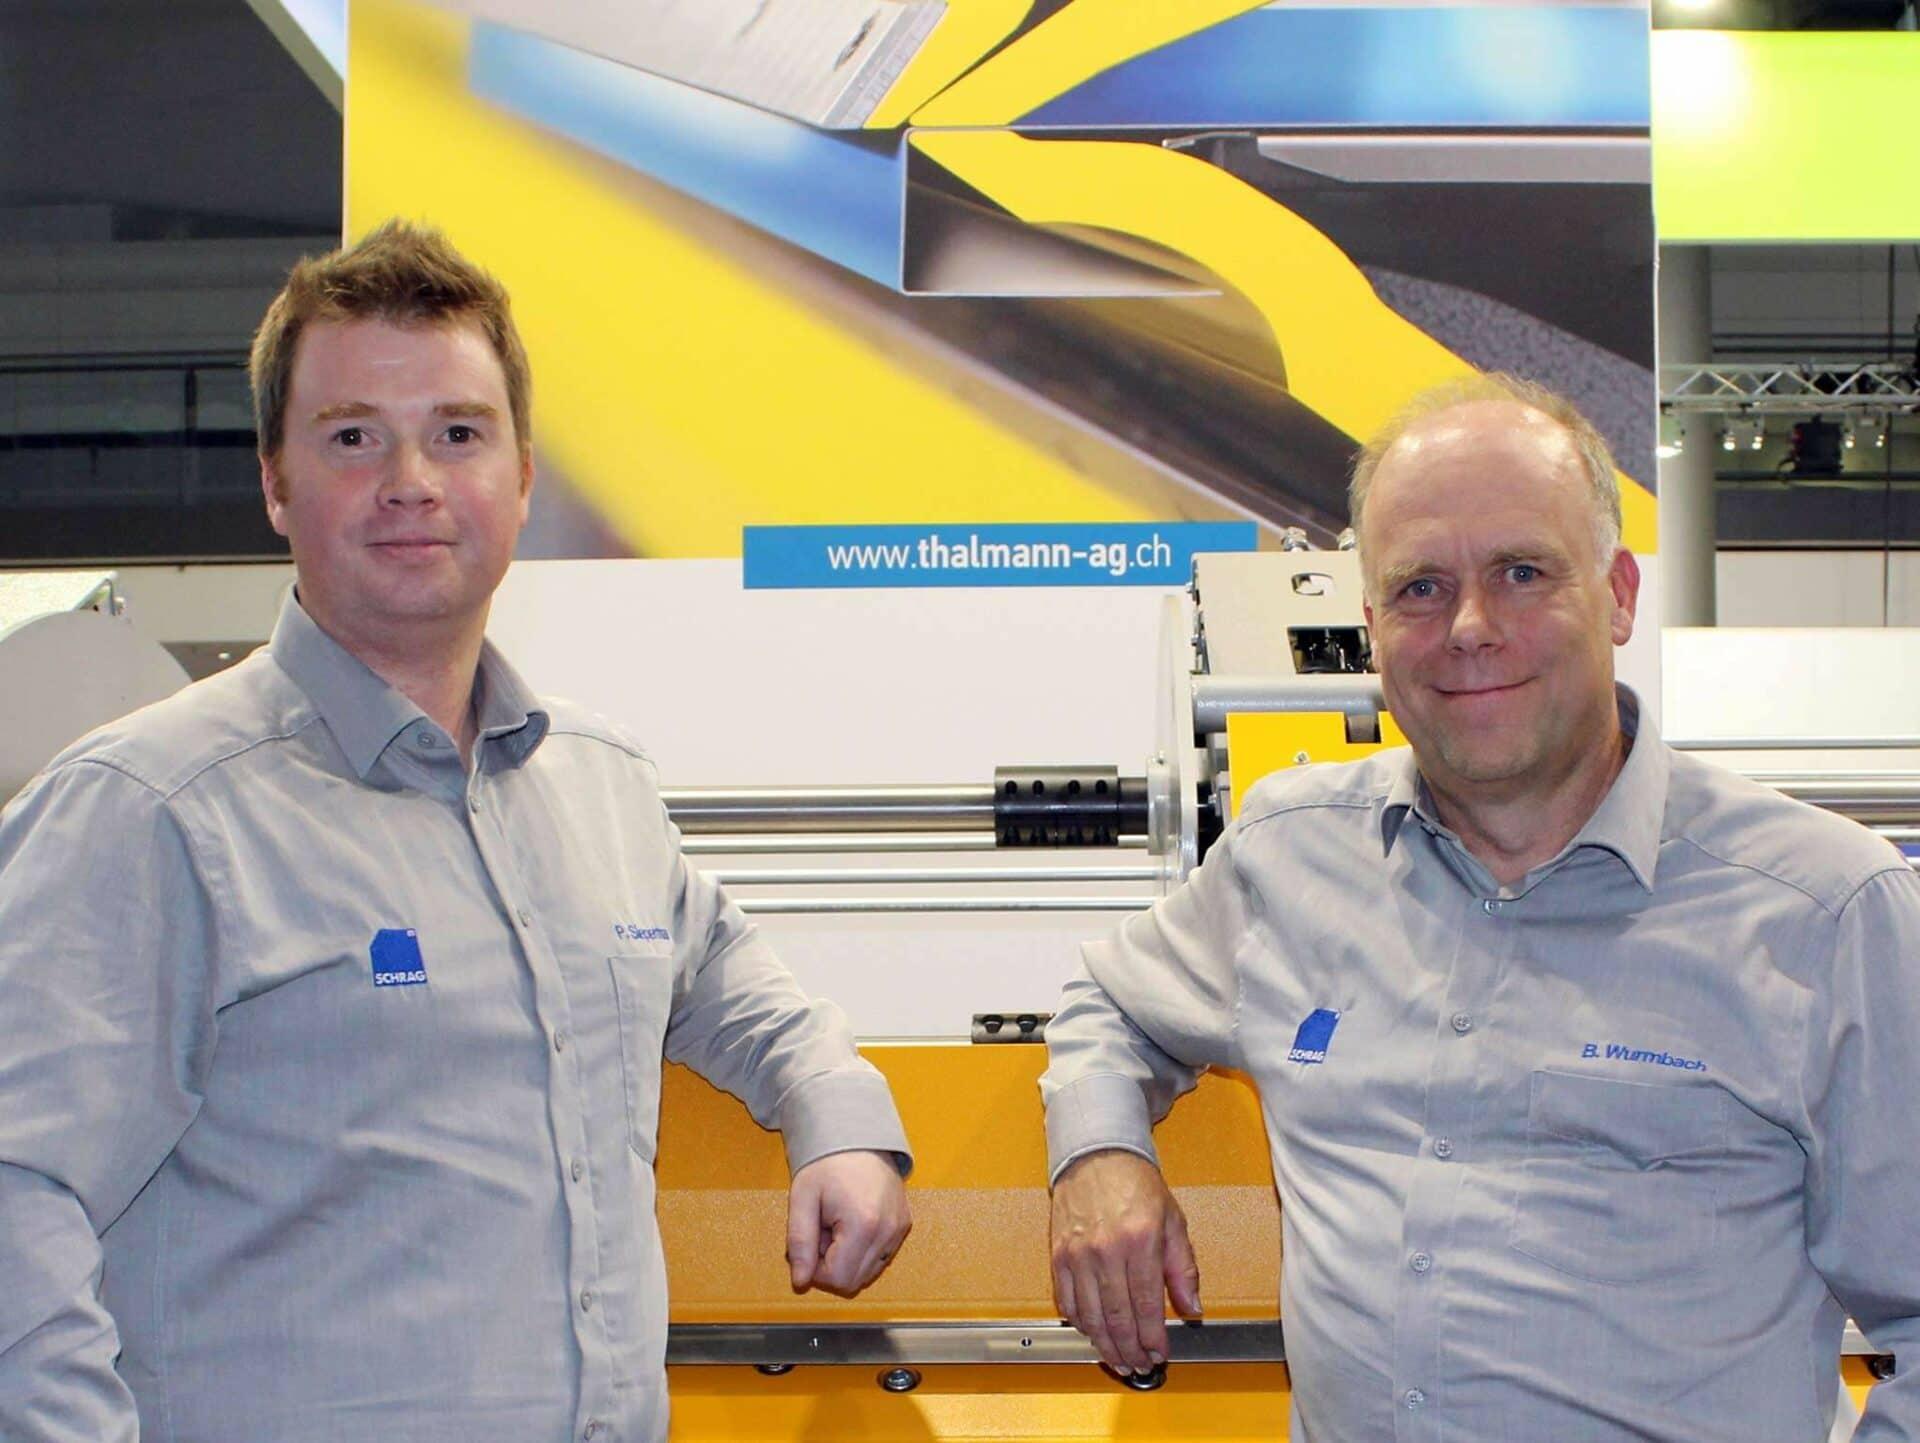 BEGEISTERT VOM TD DOPPELBIEGER:Pascal Siepermann (Betriebsleiter) und Bernd Wurmbach (Technischer Leiter) statteten der THALMANN Maschinenbau AG auf der Blechexpo 2019 einen Besuch ab.